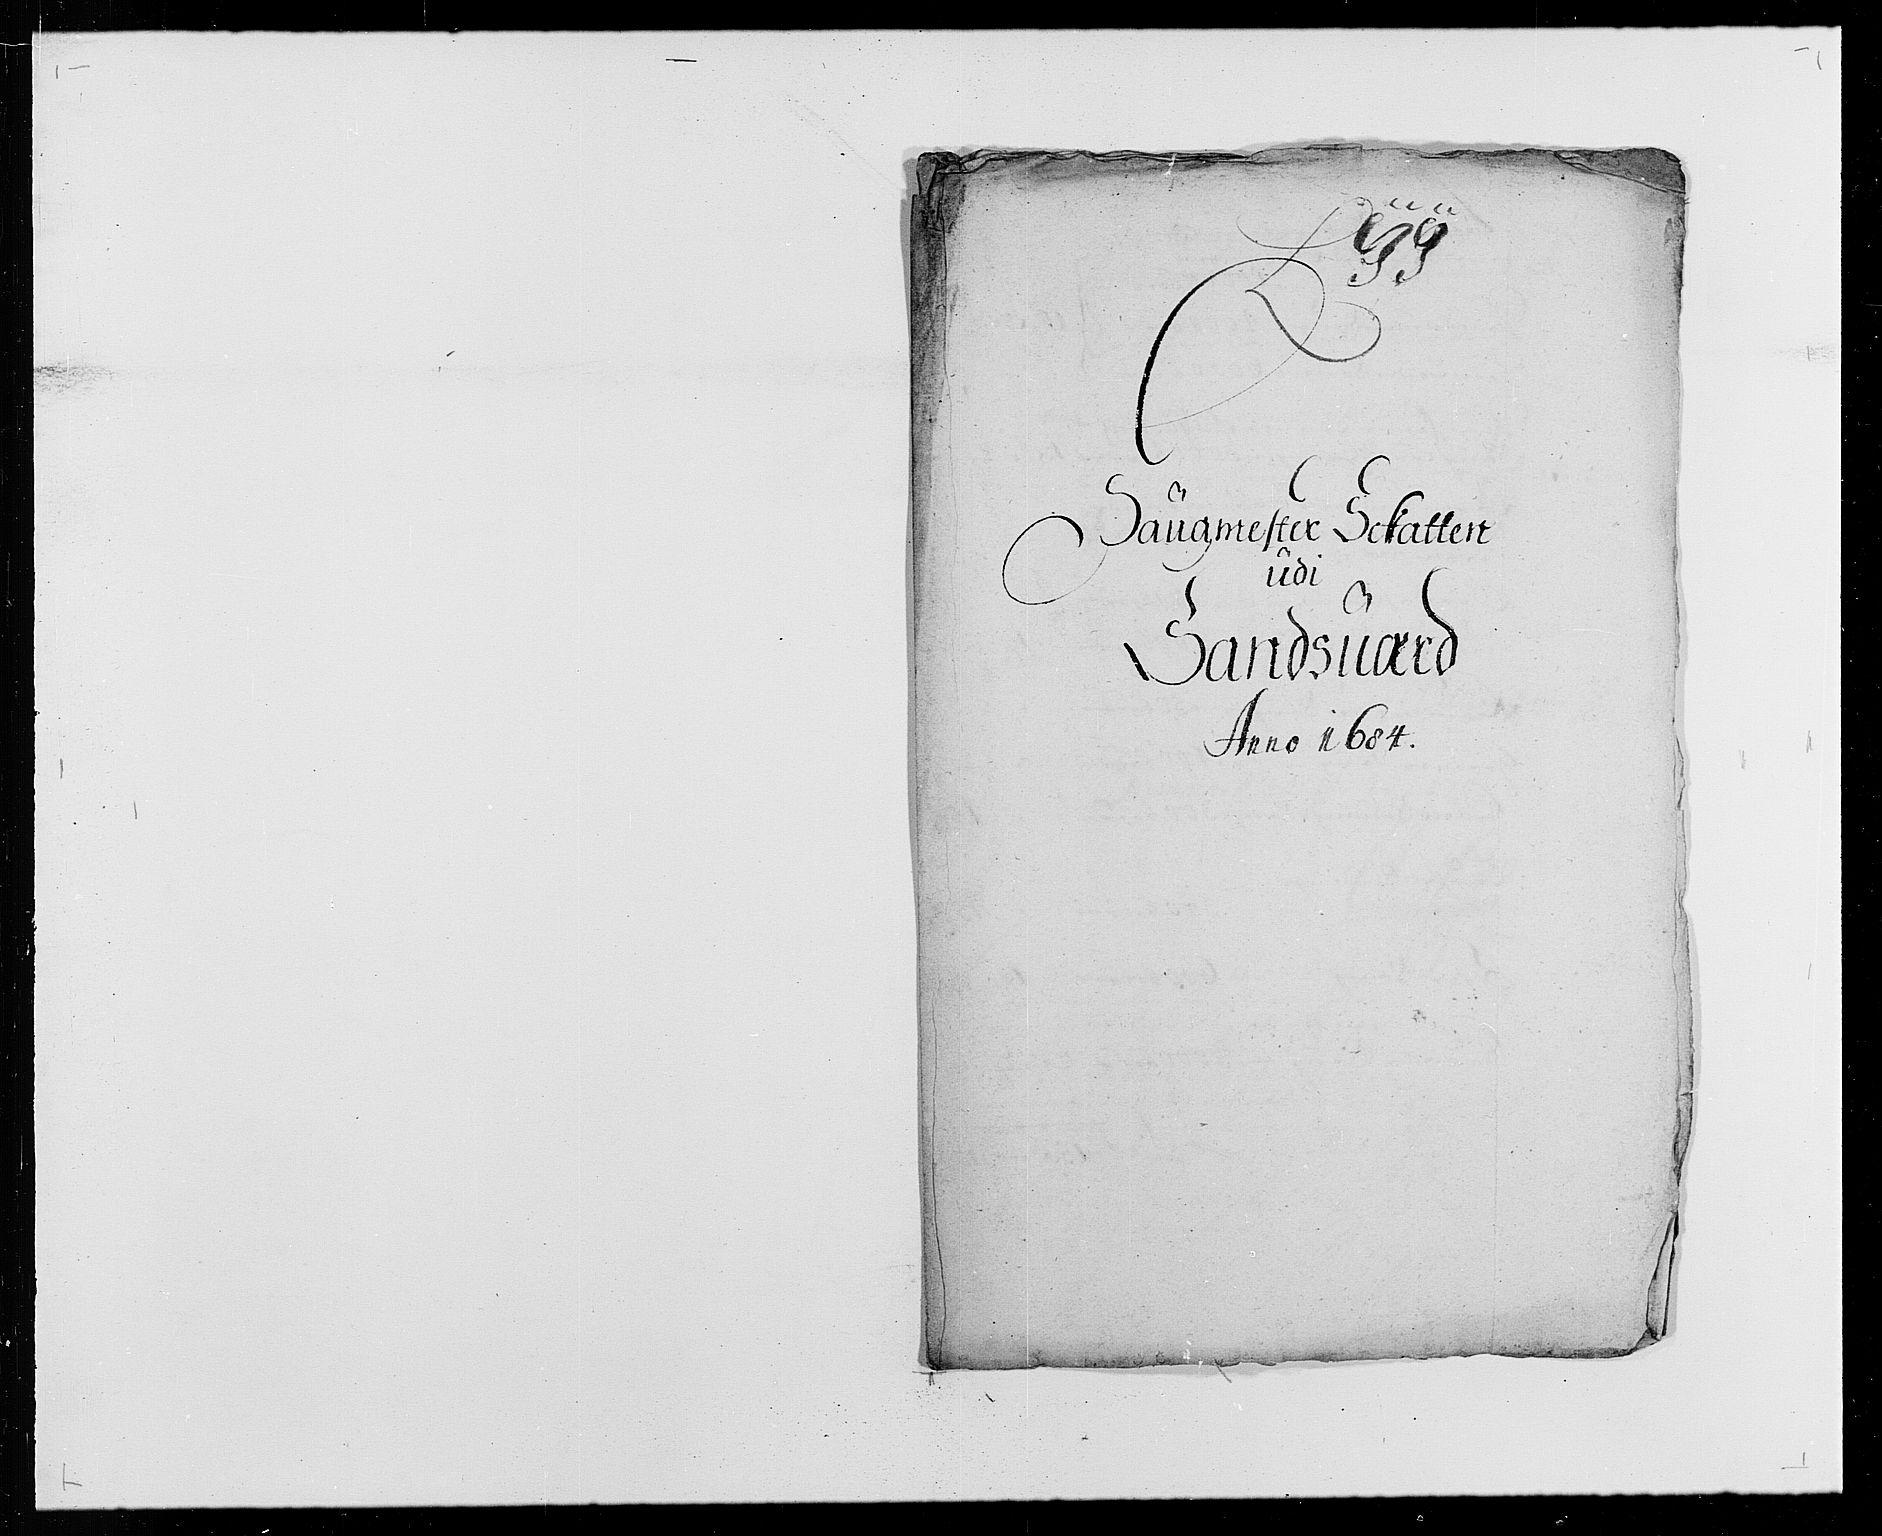 RA, Rentekammeret inntil 1814, Reviderte regnskaper, Fogderegnskap, R24/L1571: Fogderegnskap Numedal og Sandsvær, 1679-1686, s. 206